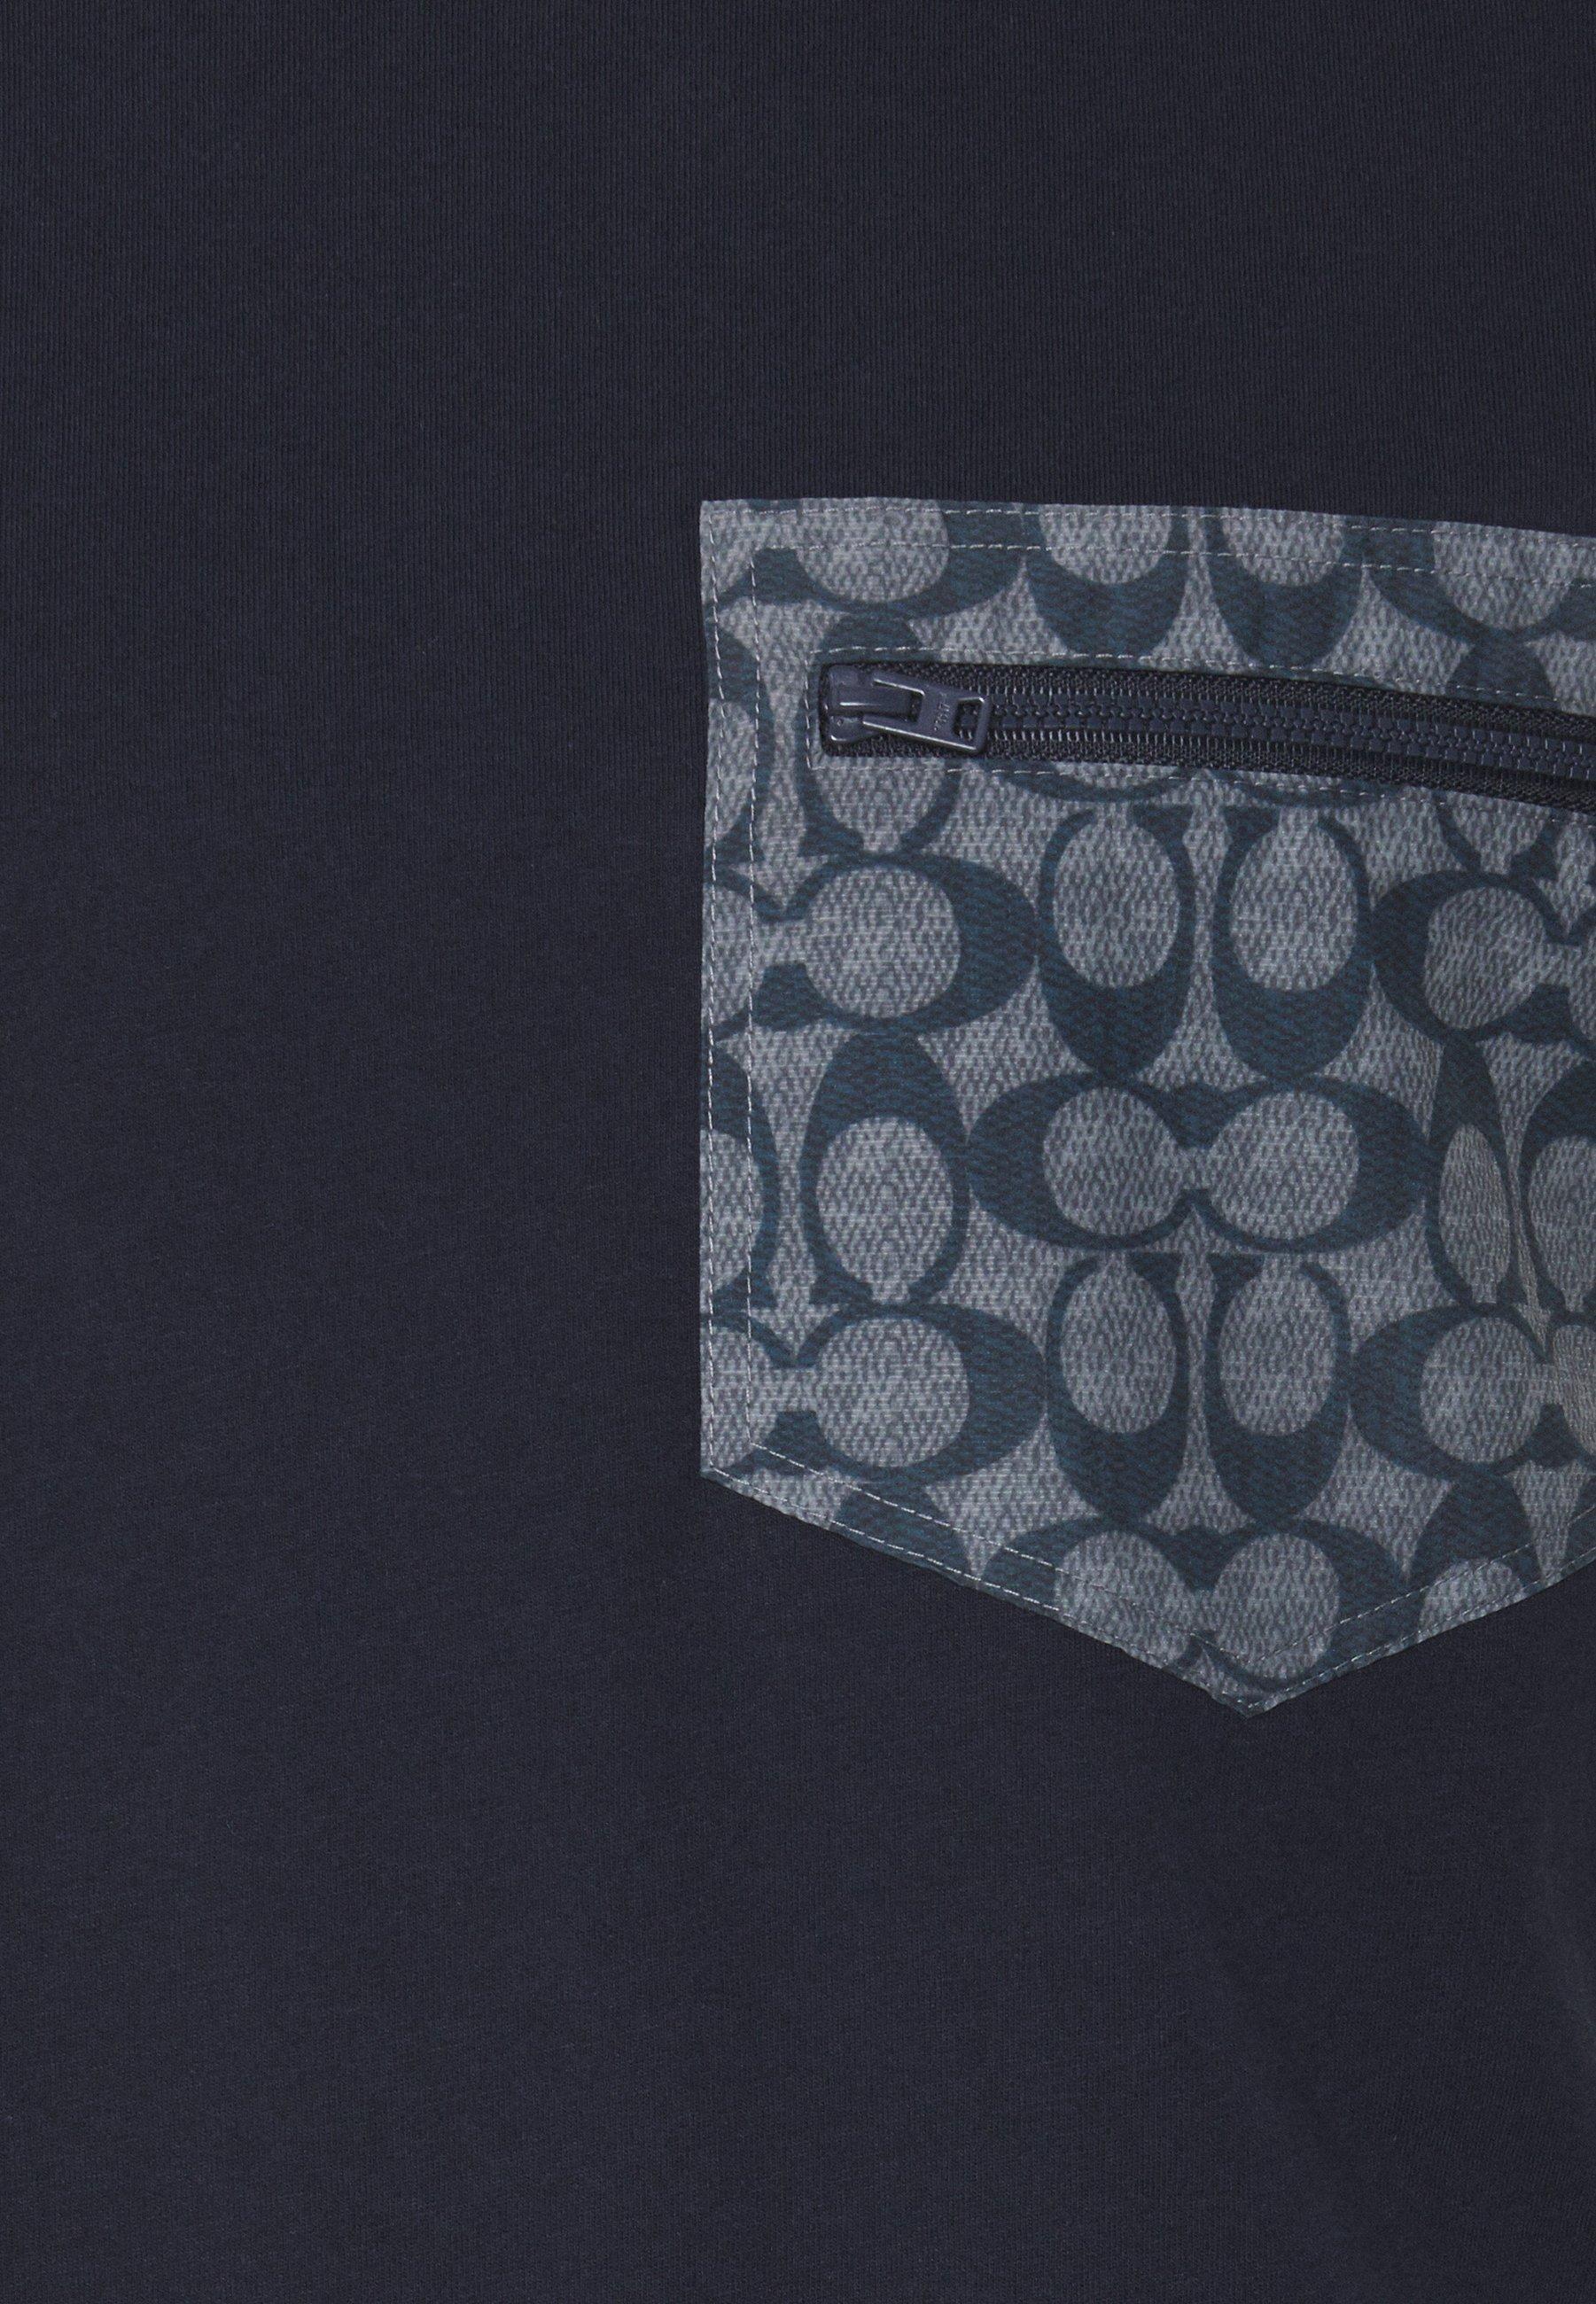 Coach Print T-shirt - navy/chambray mUFPj